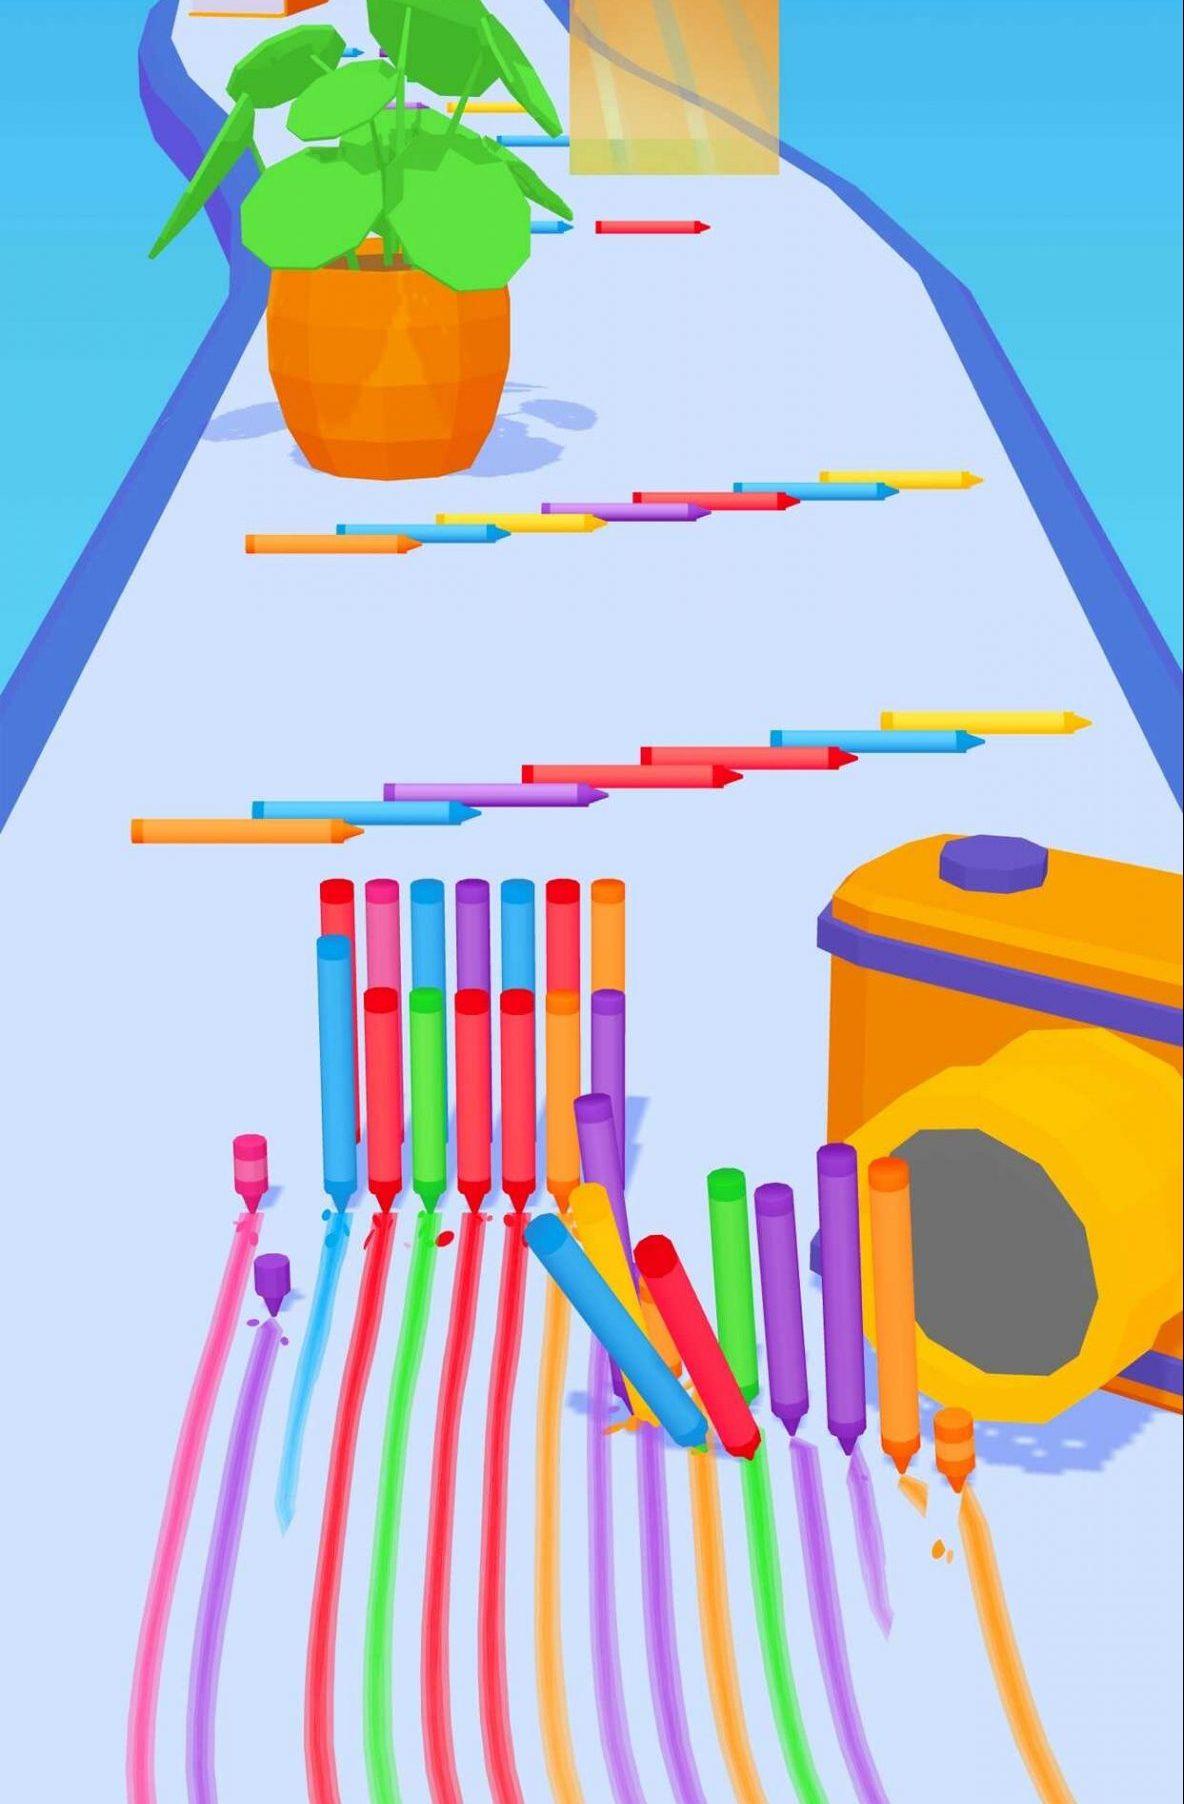 Pencil Rush 3D(ペンシルラッシュ3D)の遊び方って?